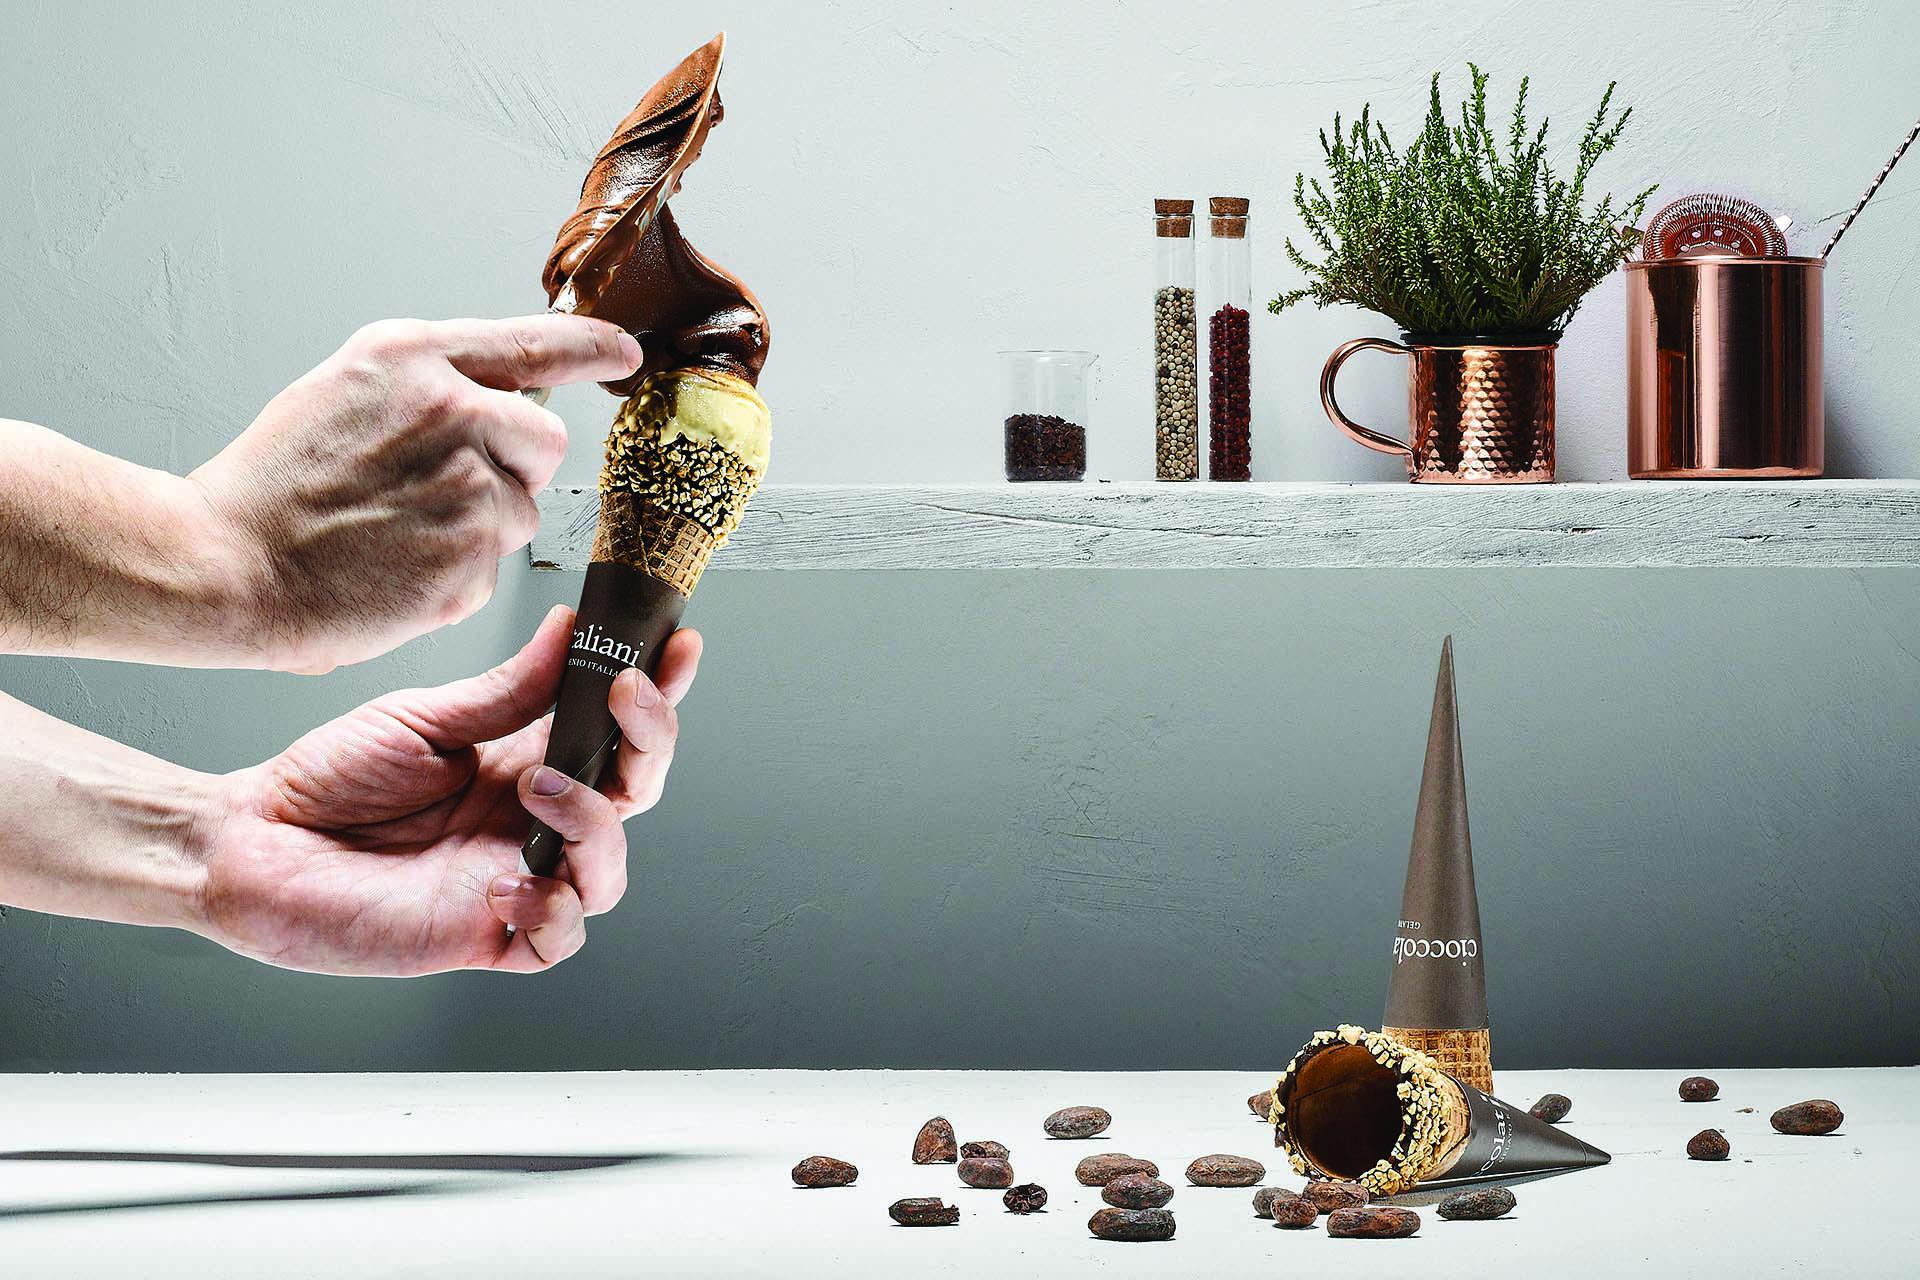 Migliori prodotti italiani: Cioccolatitaliani tra le 100 Eccellenze Italiane per Forbes